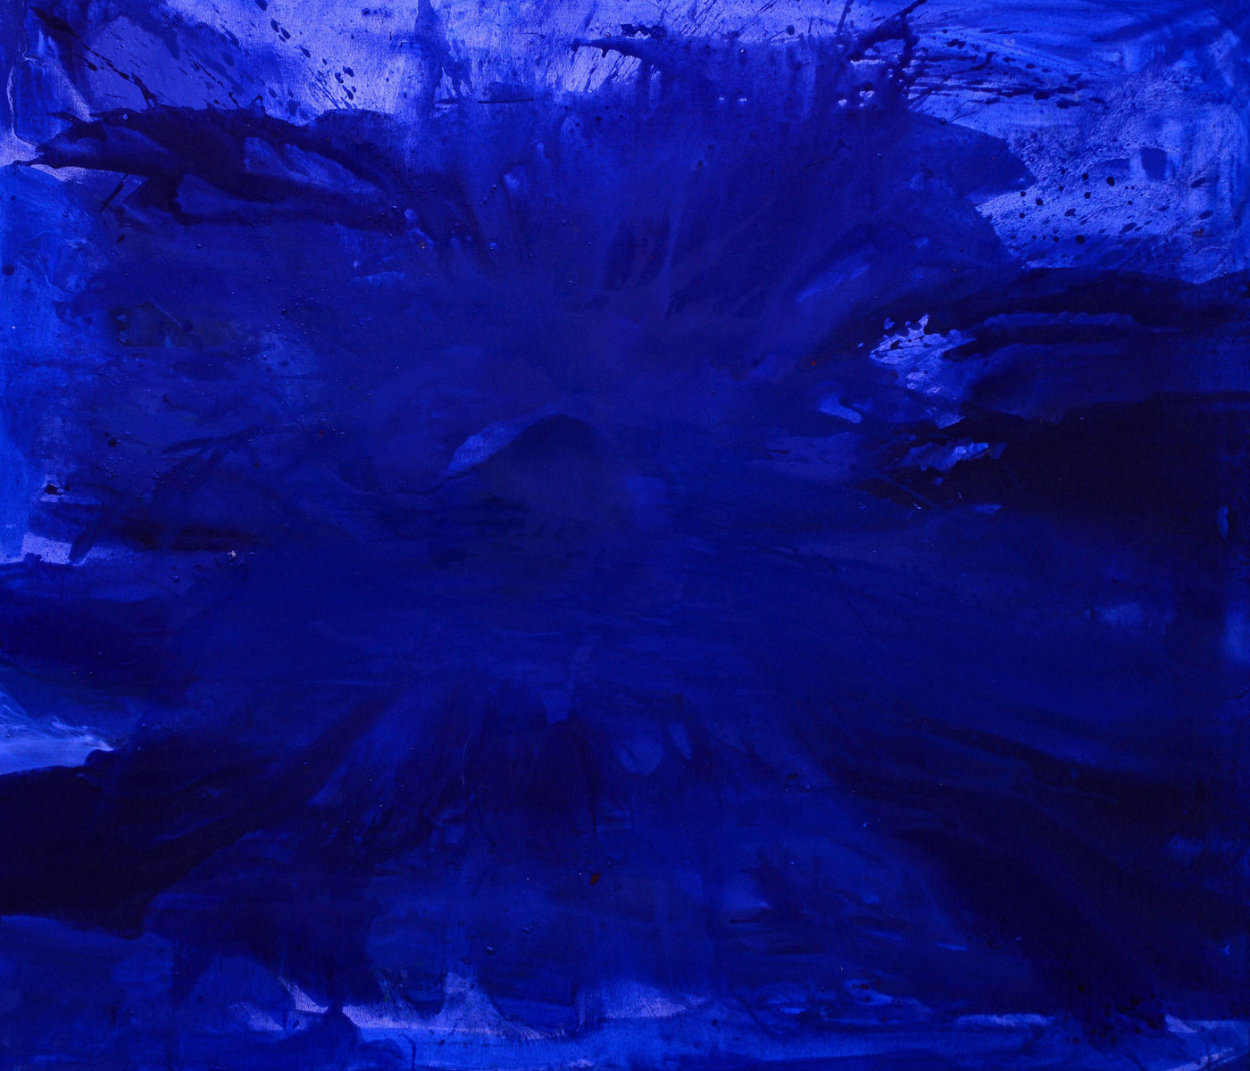 Blue Ocean 2017  62x74 Super Huge Original Painting by Costel Iarca